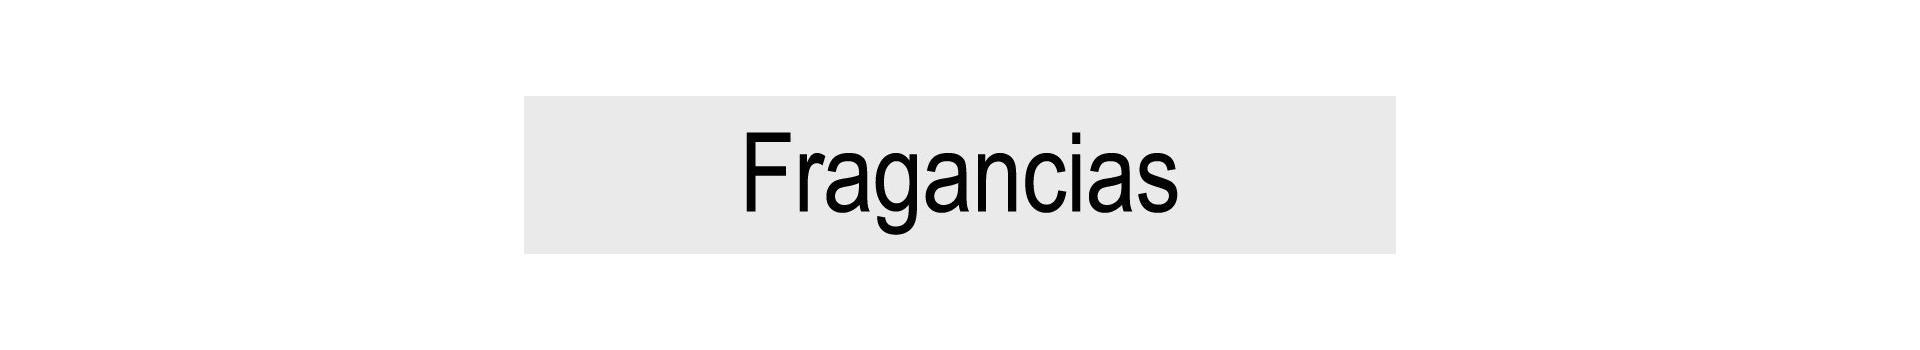 FRAGANCIAS